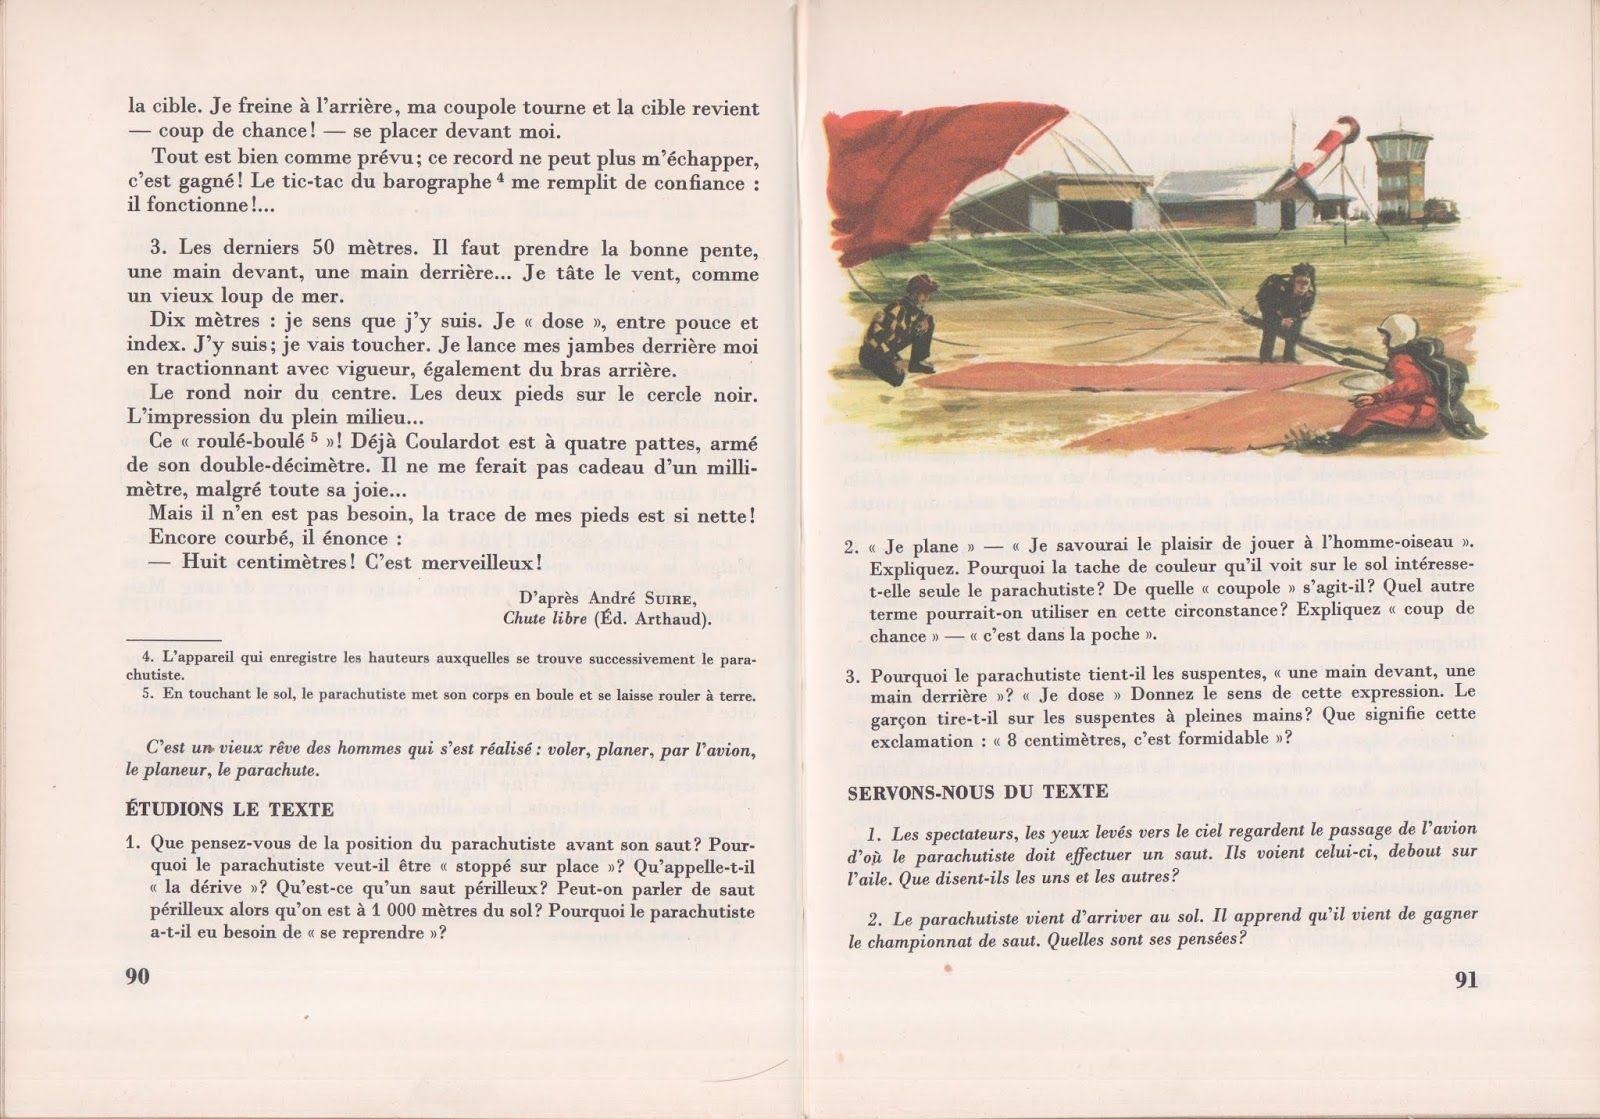 Picard Brandicourt Mon Livre De Lecture Cm1 1968 Grandes Images Lecture Cm1 Livre De Lecture Lecture